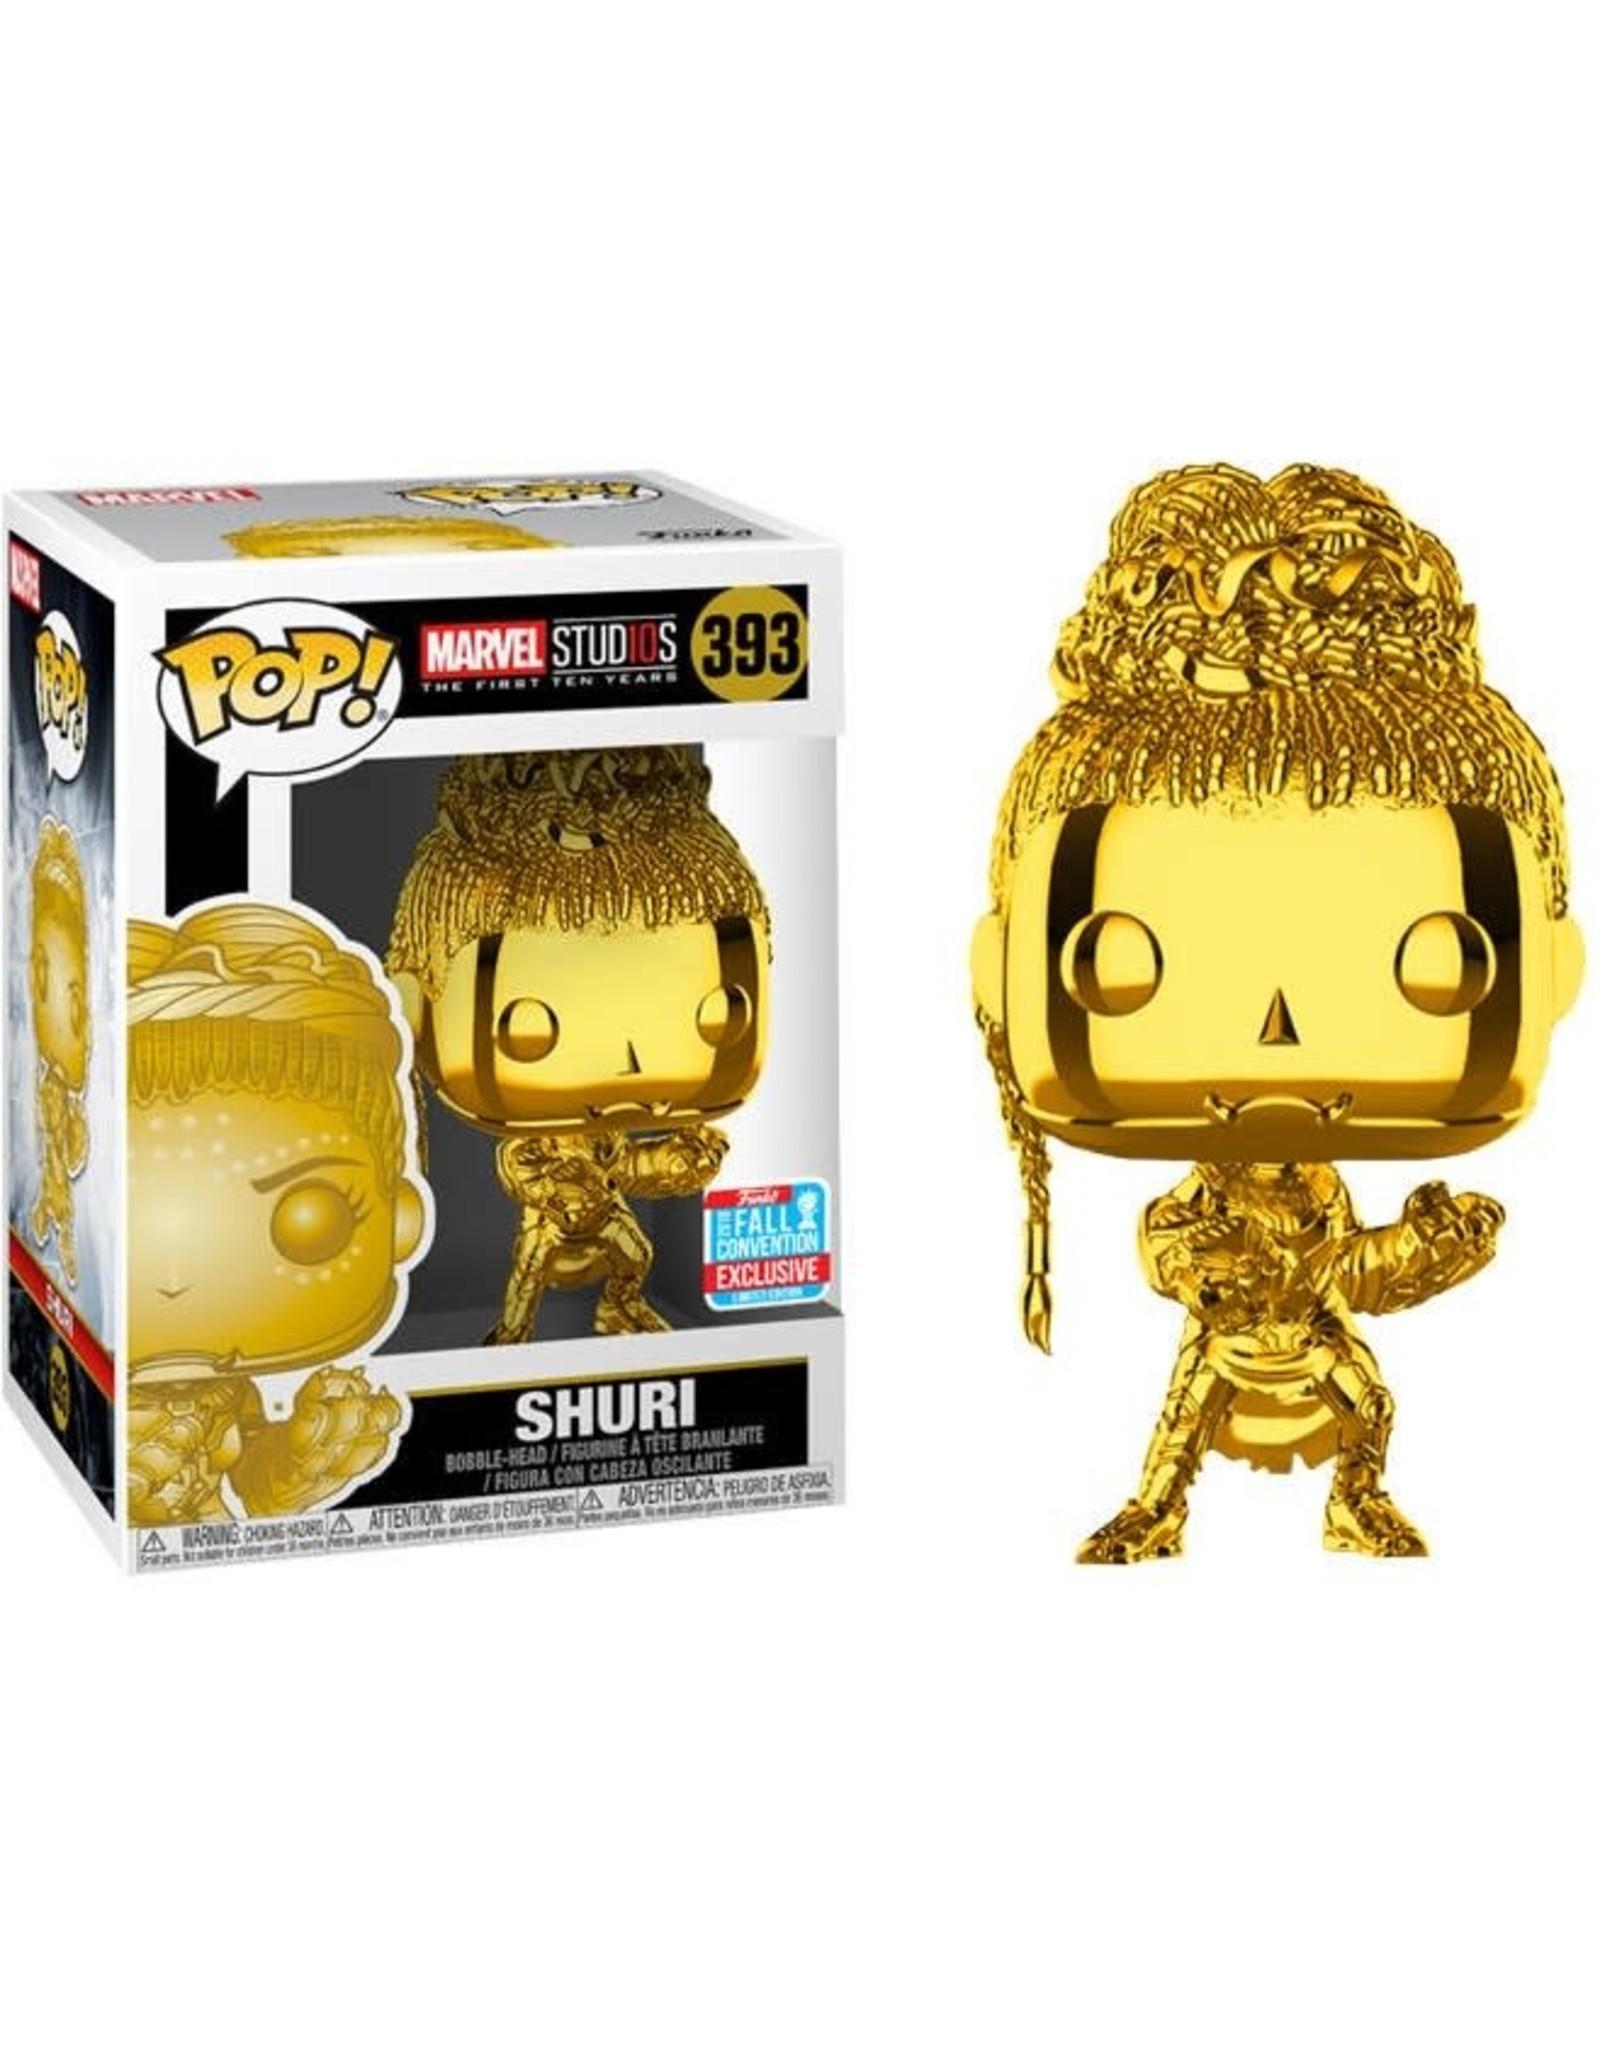 Funko Pop! Funko Pop! Marvel nr393 Chrome Shuri